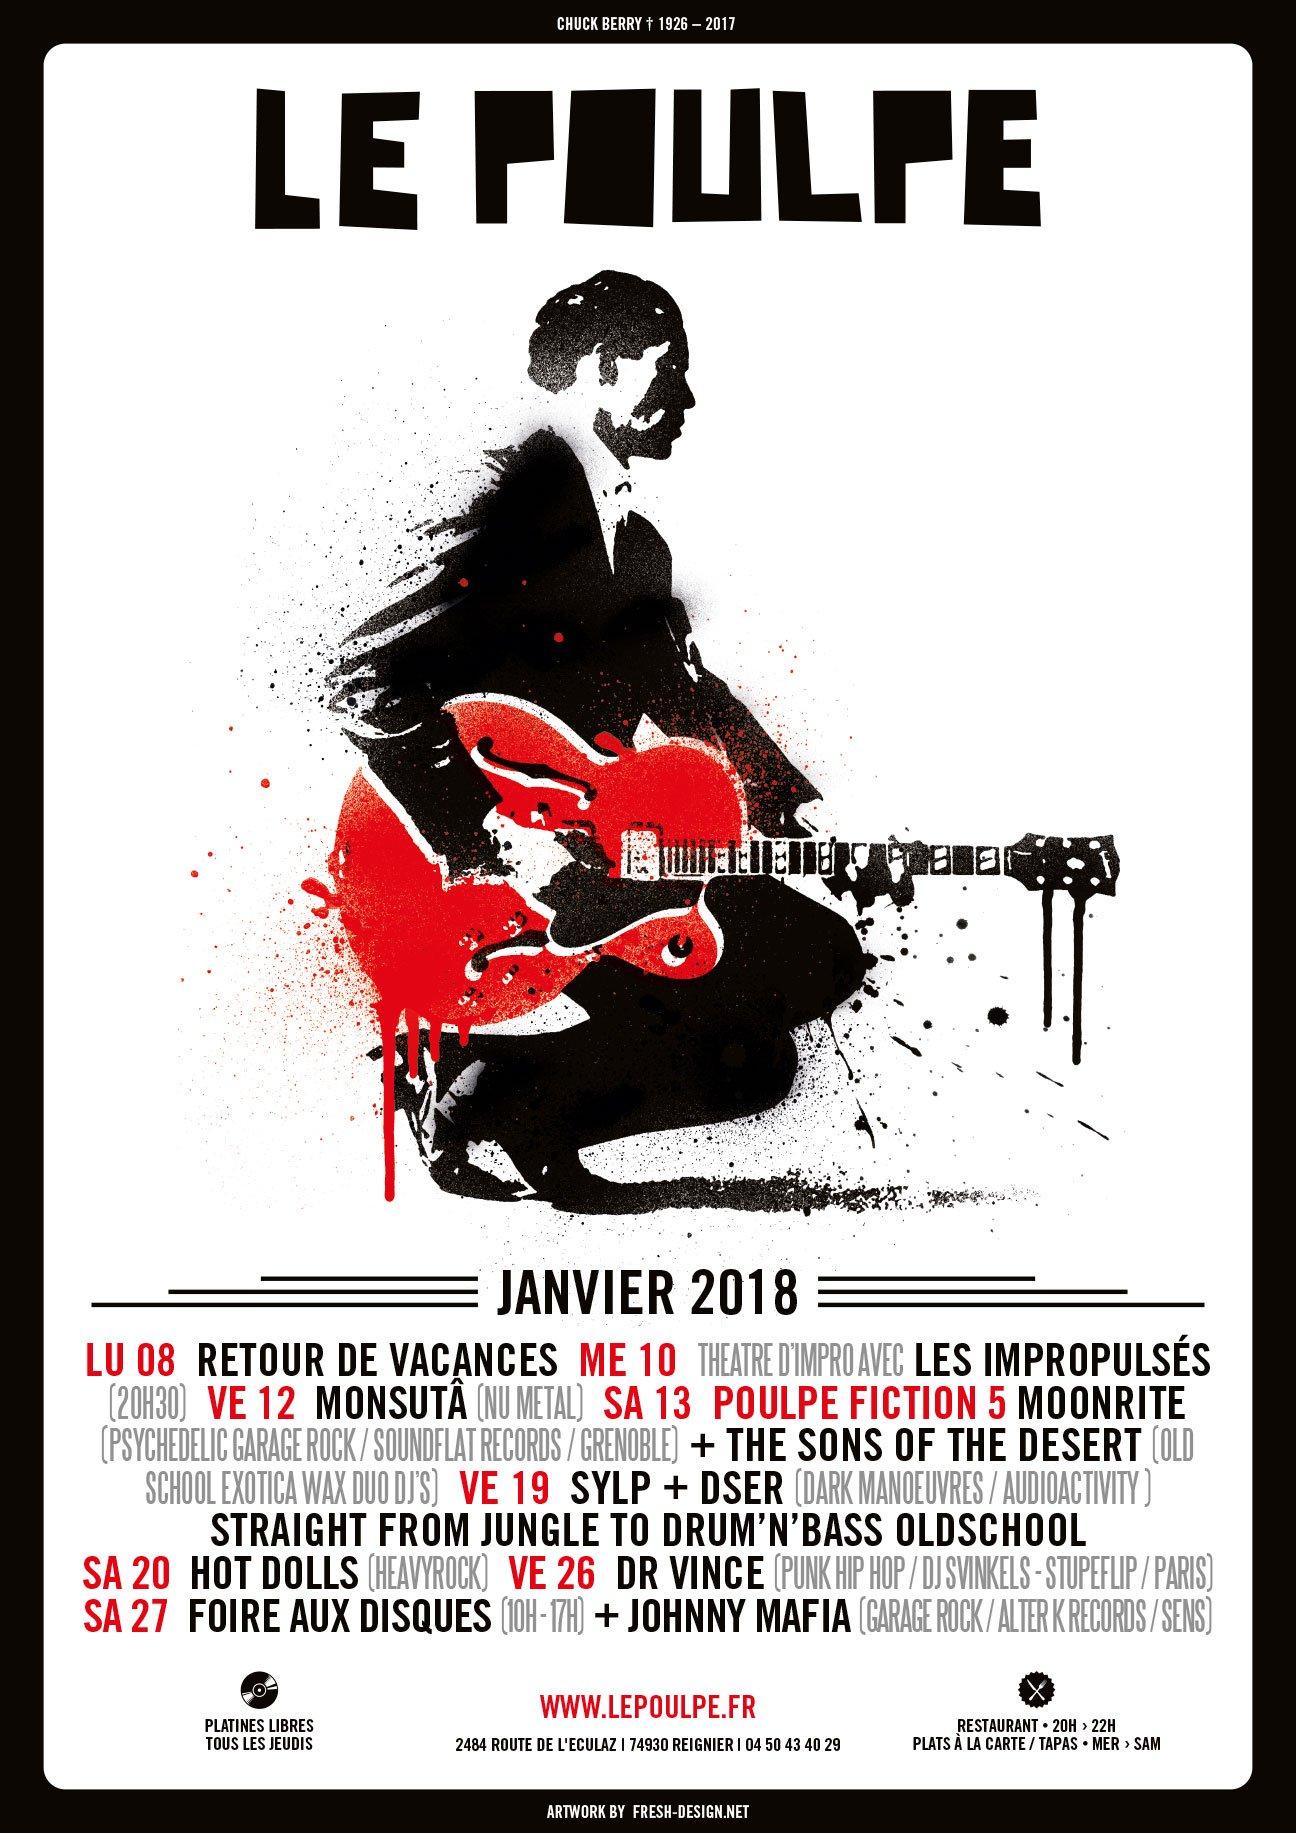 Fabien_cuffel_LePoulpe_Resto_Bar_Concert_Affiche_2018_Chuck-Berry